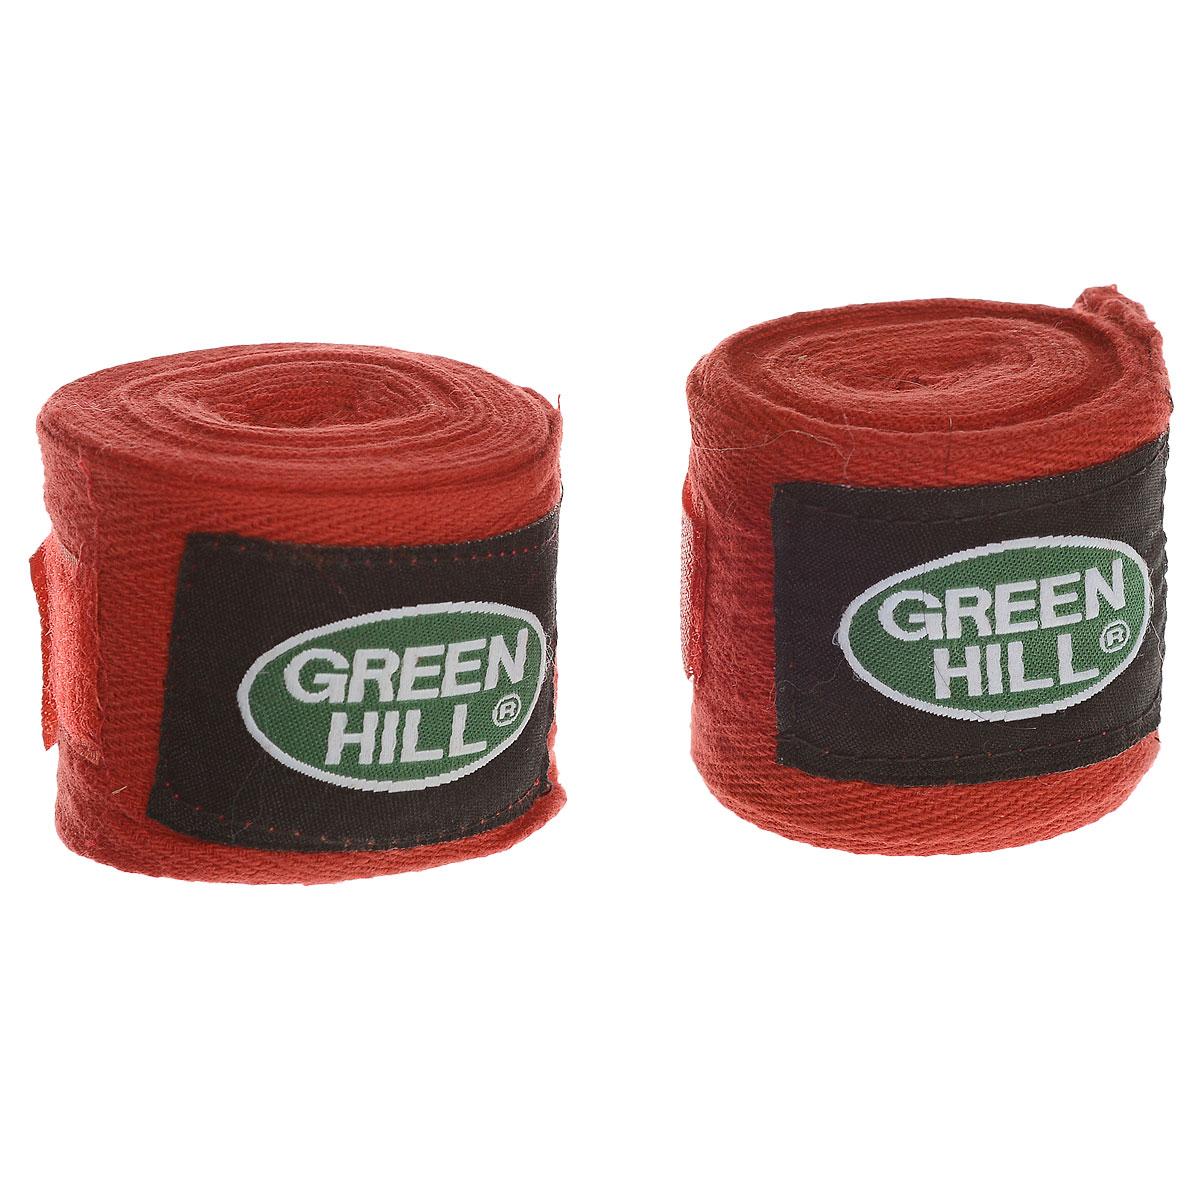 Бинты боксерские Green Hill, хлопок, цвет: красный, 2,5 м, 2 штadiBP03Бинты Green Hill предназначены для защиты запястья во время занятий боксом. Изготовлены из высококачественного хлопка. Бинты надежно закрепляются на руке застежкой на липучке. Длина бинтов: 2,5 м.